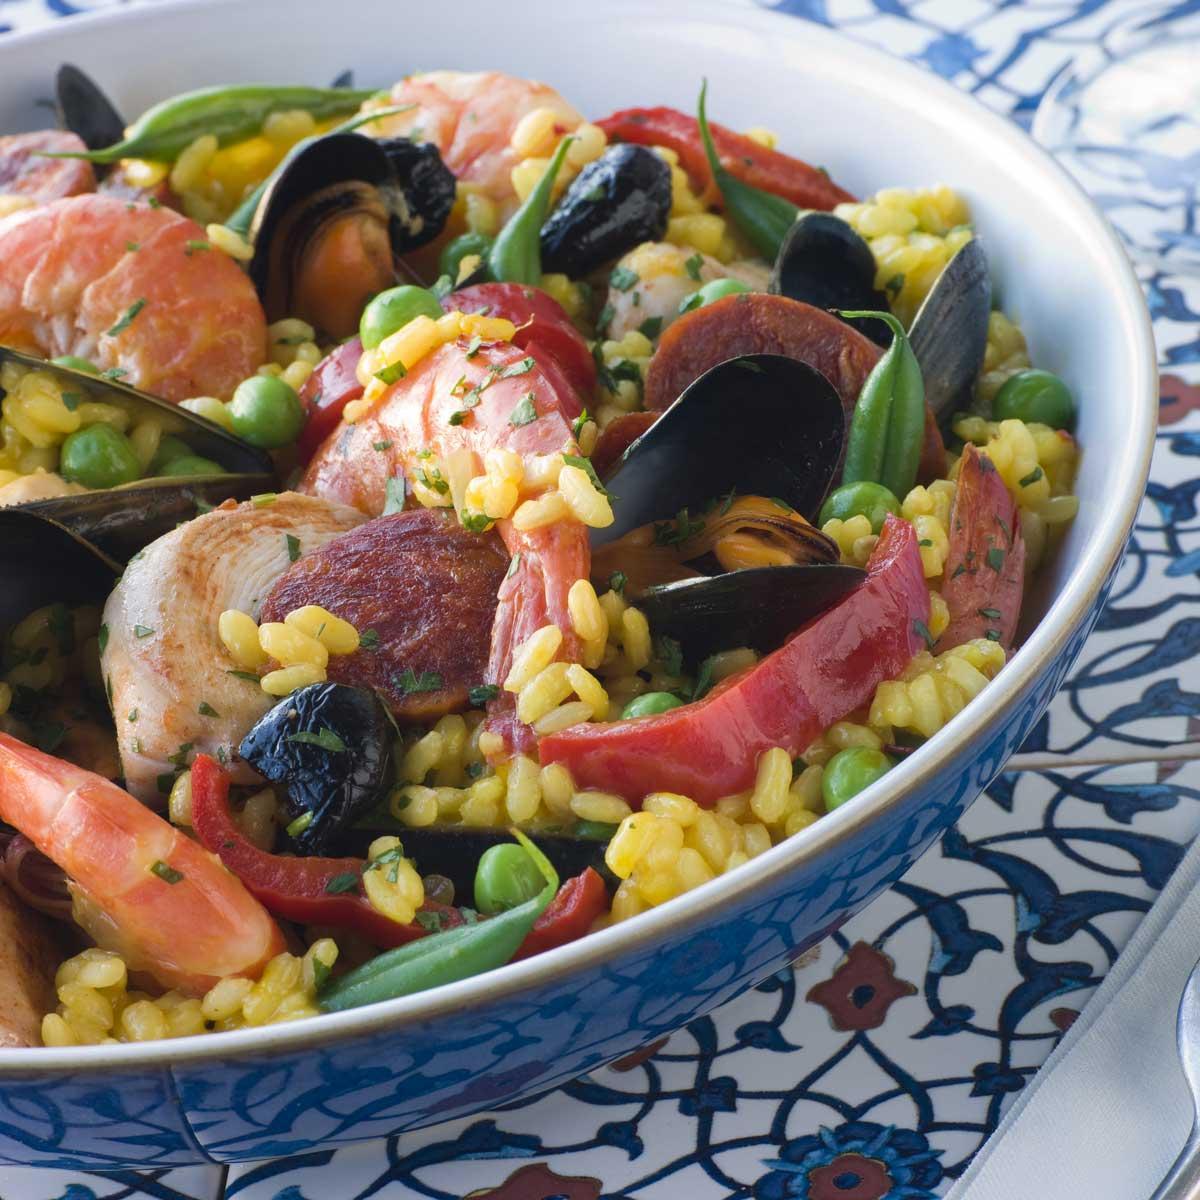 Recette paella cuisine madame figaro - Madame figaro cuisine ...